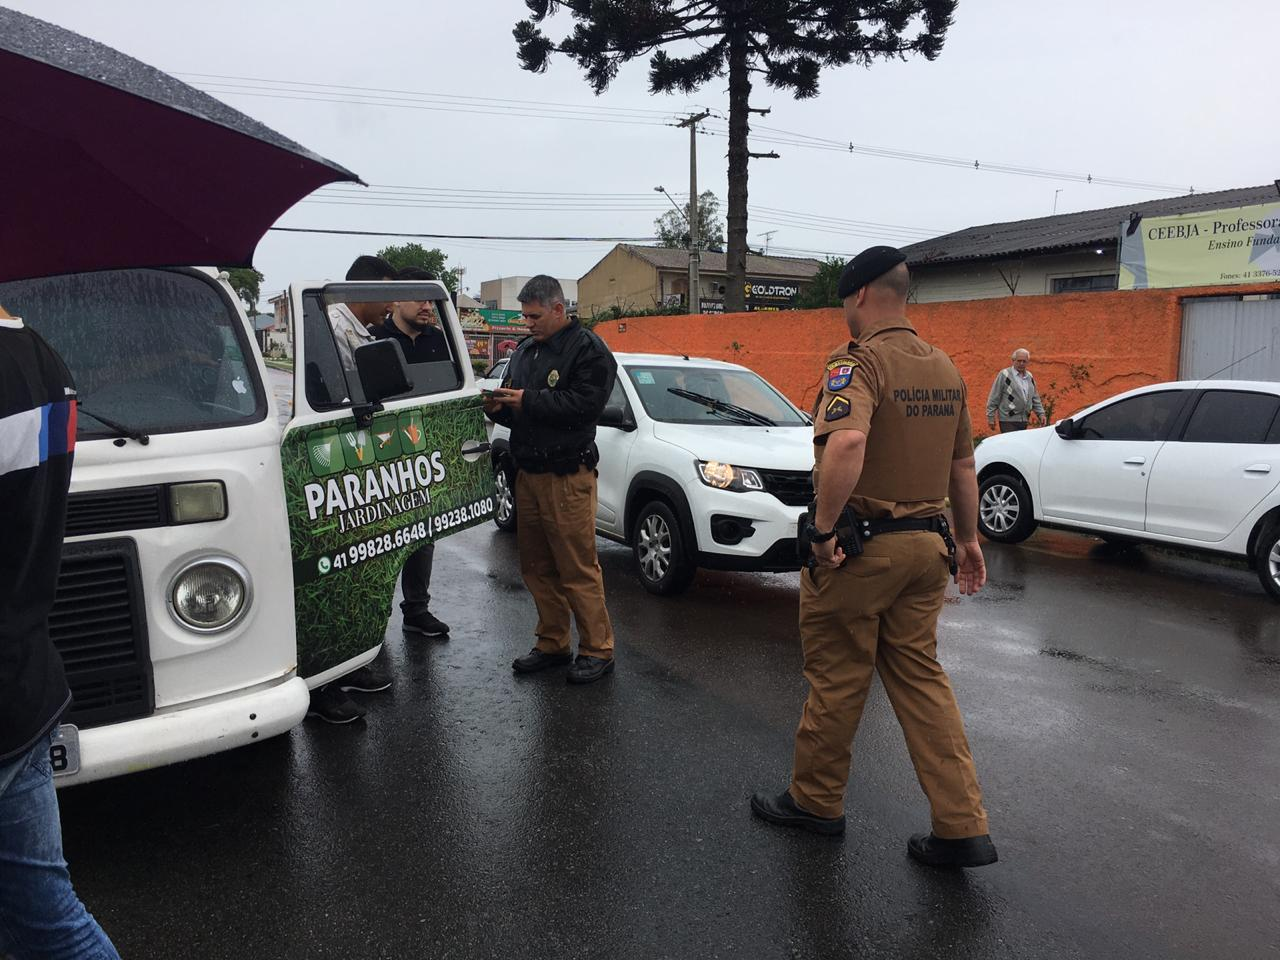 Flagrante de suspeito de transporte ilegal na Regional Boqueirão. Foto: Andrey Ribeiro.